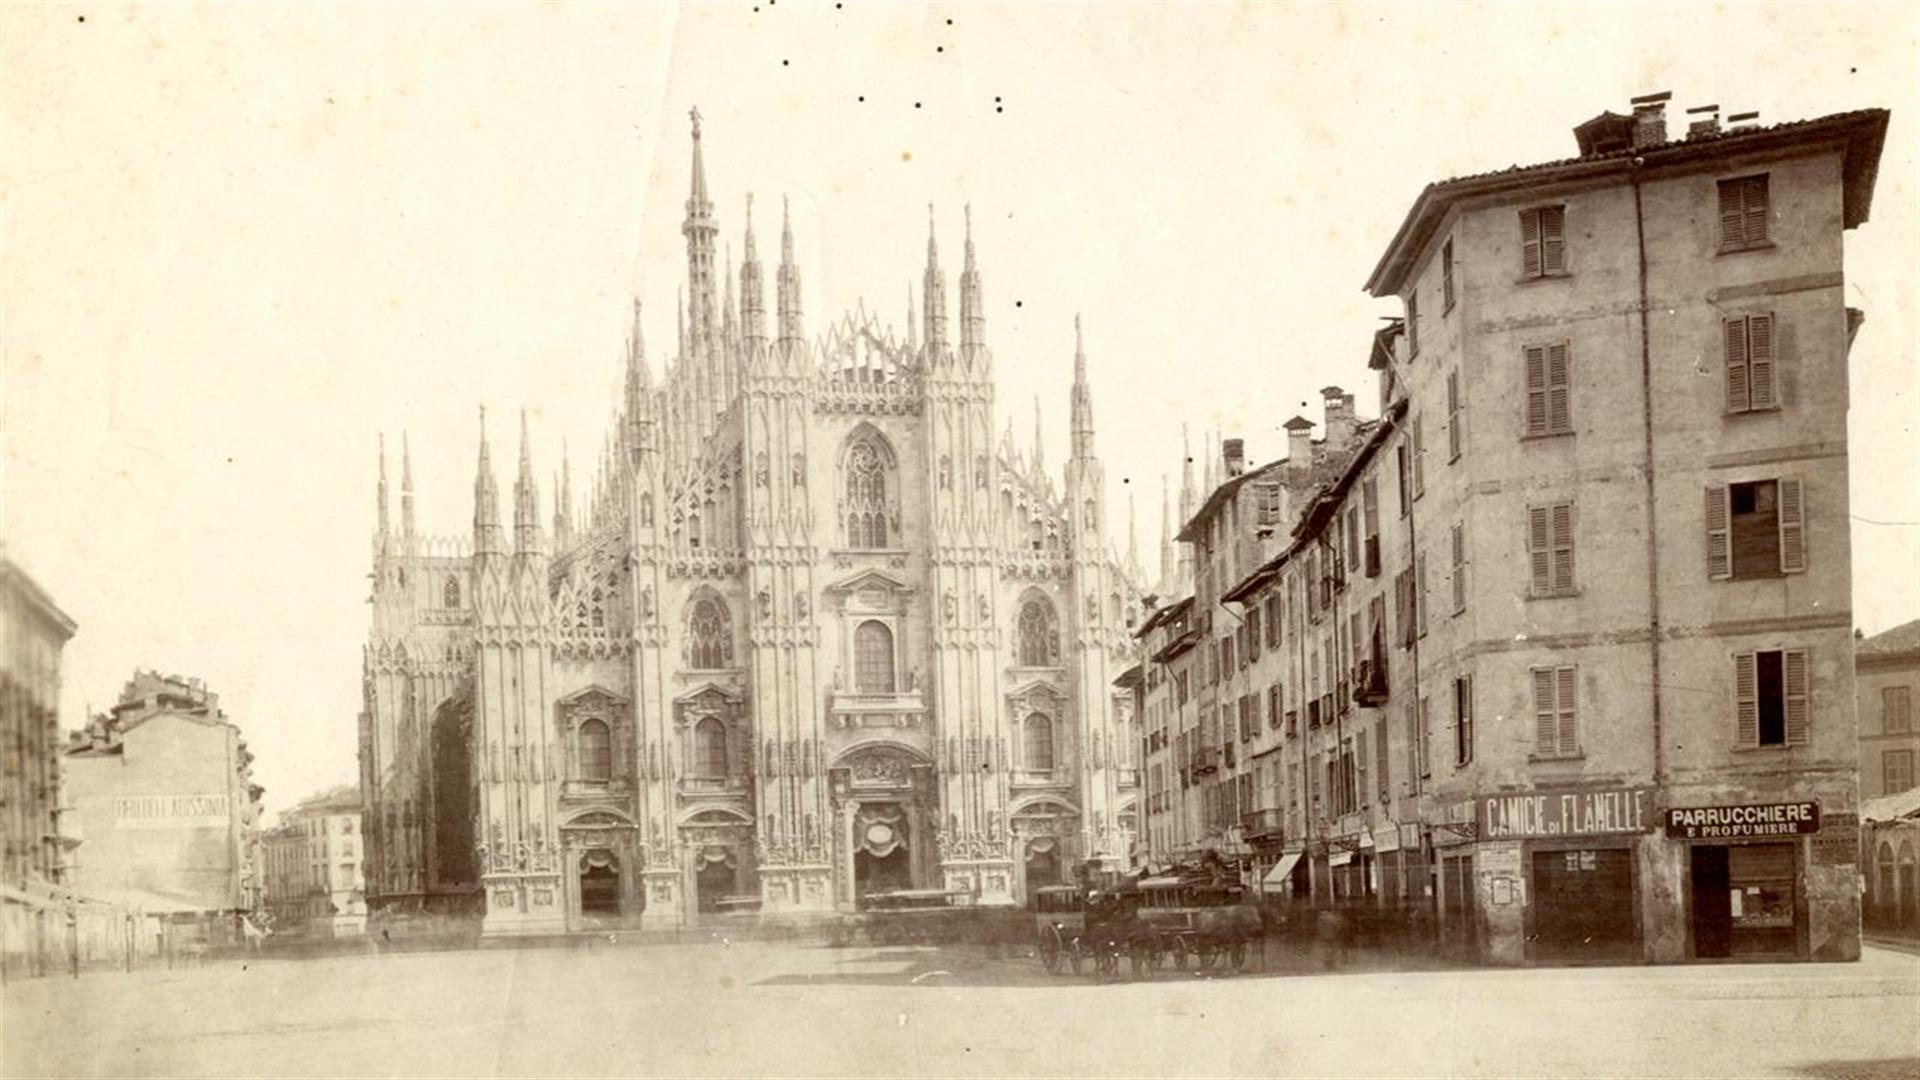 Archivio Duomo Milano